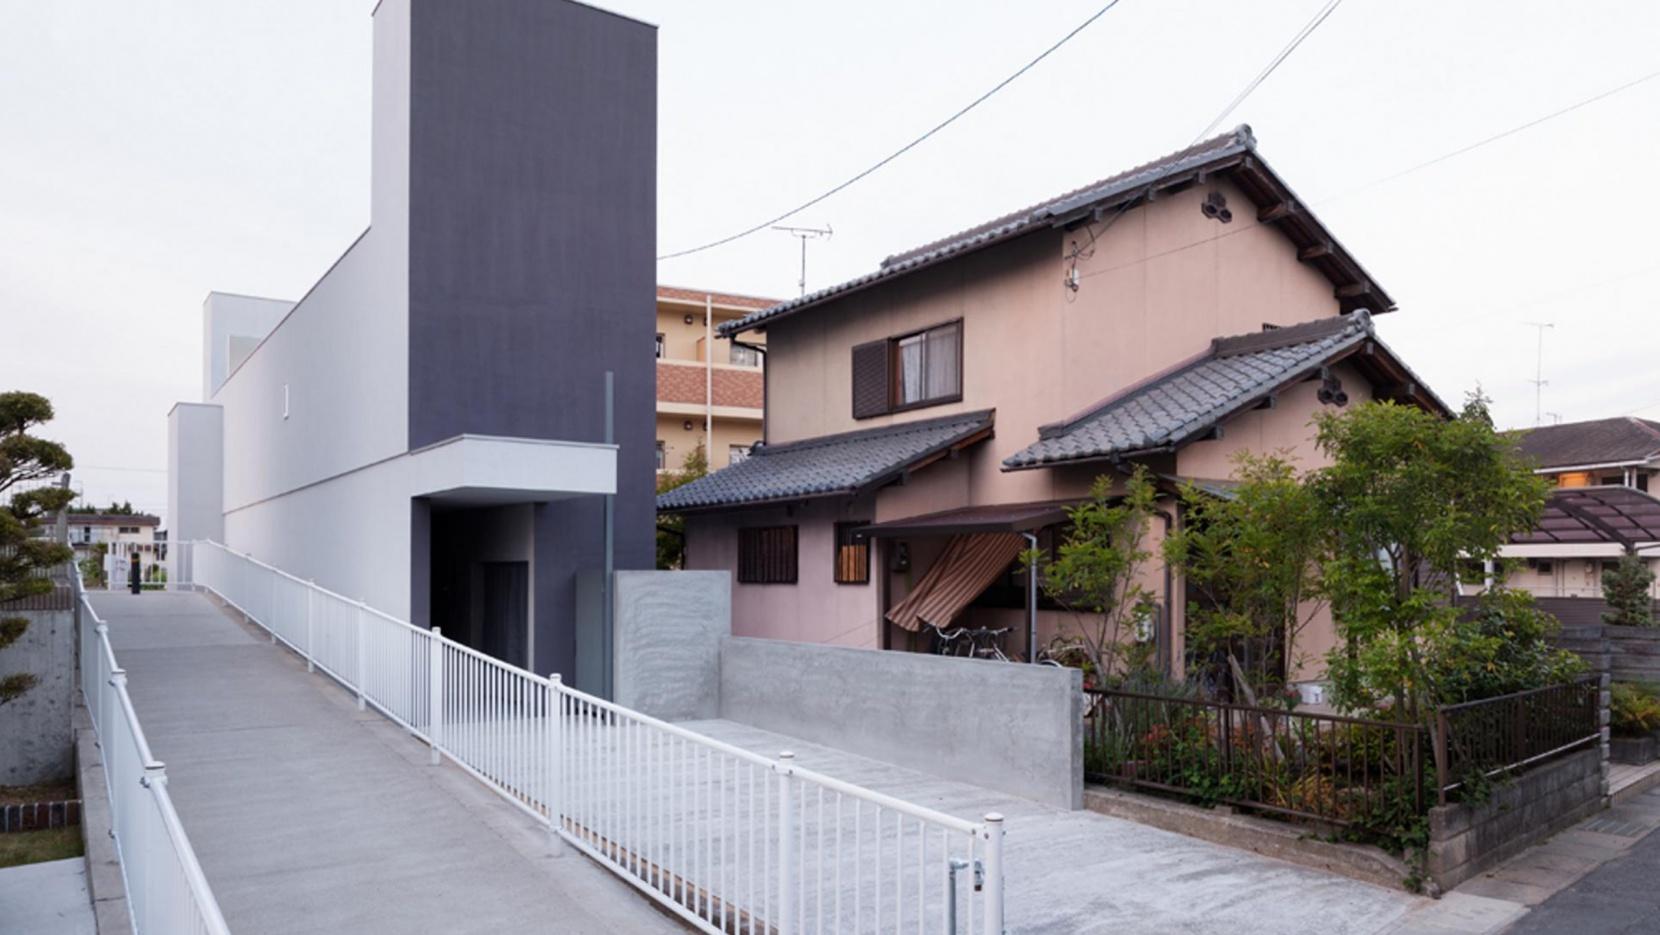 Promenade House By Kouichi Kimura Architects In Shiga